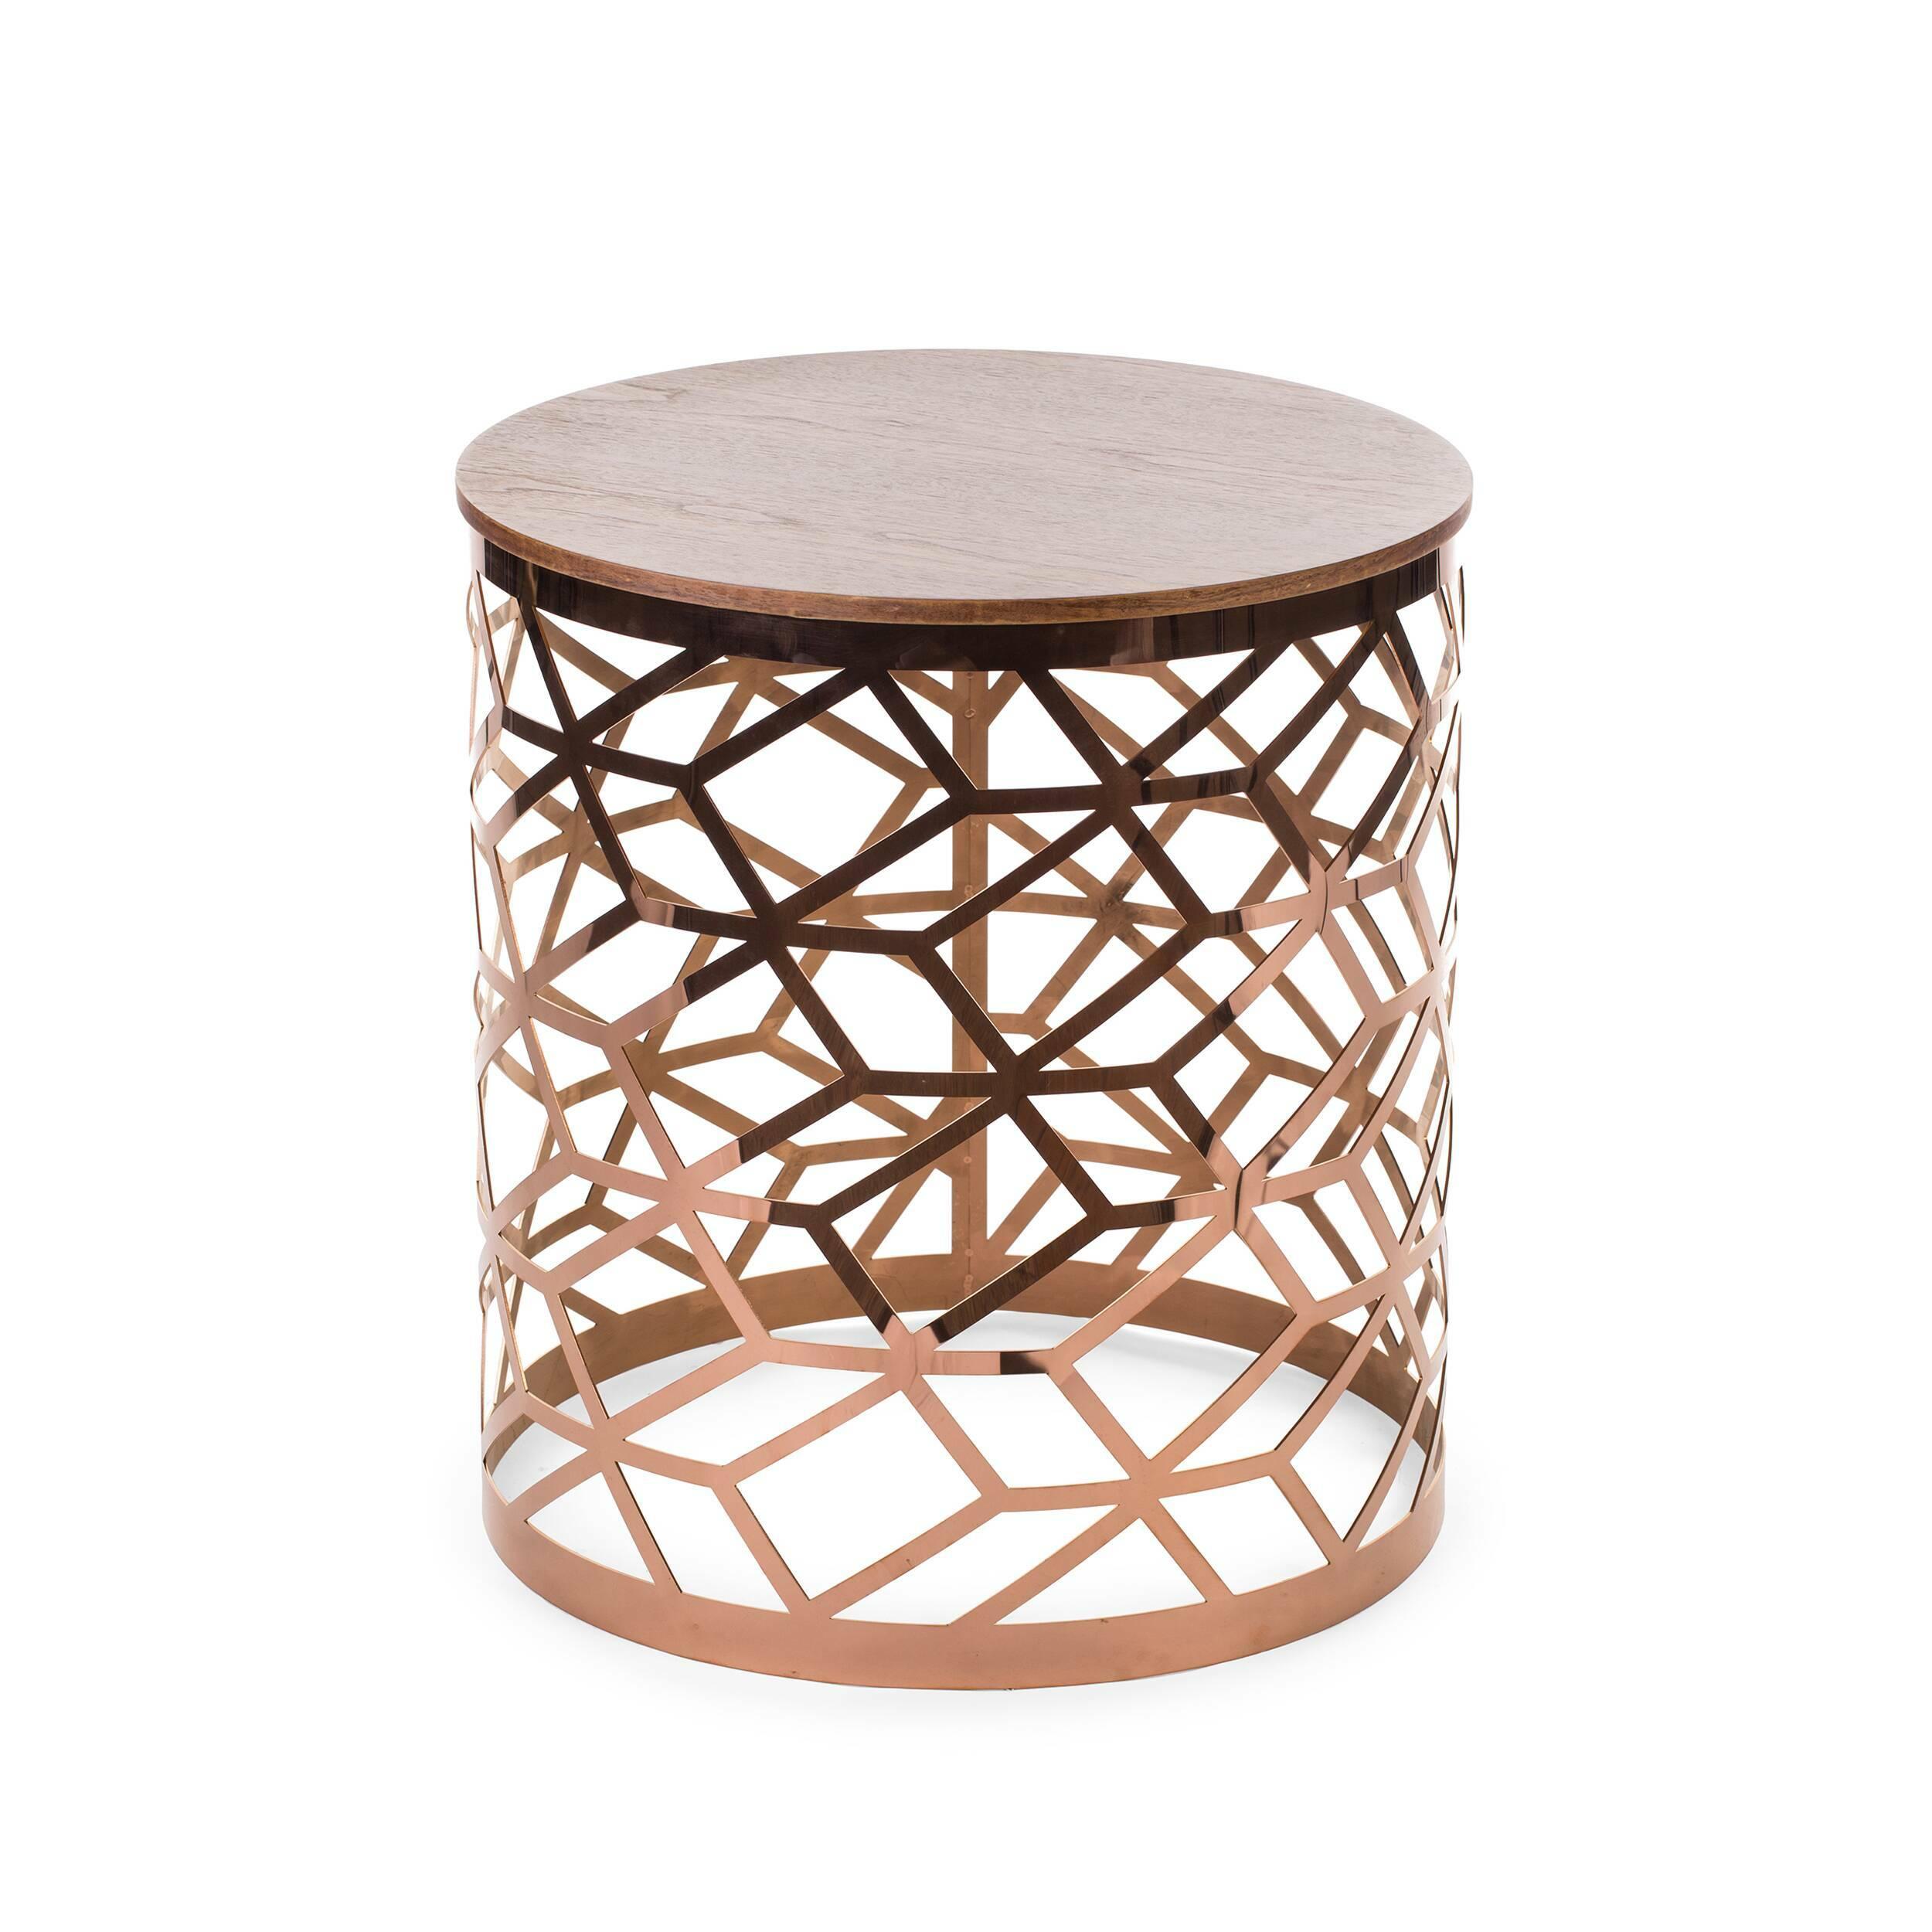 Кофейный стол FigaroКофейные столики<br>Дизайнерский круглый журнальный столик Figaro (Фигаро) из металла с деревянной столешницей от Cosmo (Космо).<br><br>В настоящее время кофейные столики набирают все большую популярность и становятся неотъемлемым атрибутом современной гостиной комнаты. Этот функциональный предмет интерьера всегда приходится к месту: его можно использовать для сервировки чаепития, в качестве столика для настольной лампы или же складывать на нем журналы и газеты. Как бы то ни было, красивый кофейный стол — это еще ...<br><br>stock: 0<br>Высота: 56<br>Диаметр: 50<br>Цвет ножек: Розовый хромированный<br>Цвет столешницы: Орех<br>Материал столешницы: Массив ореха<br>Тип материала столешницы: Дерево<br>Тип материала ножек: Металл